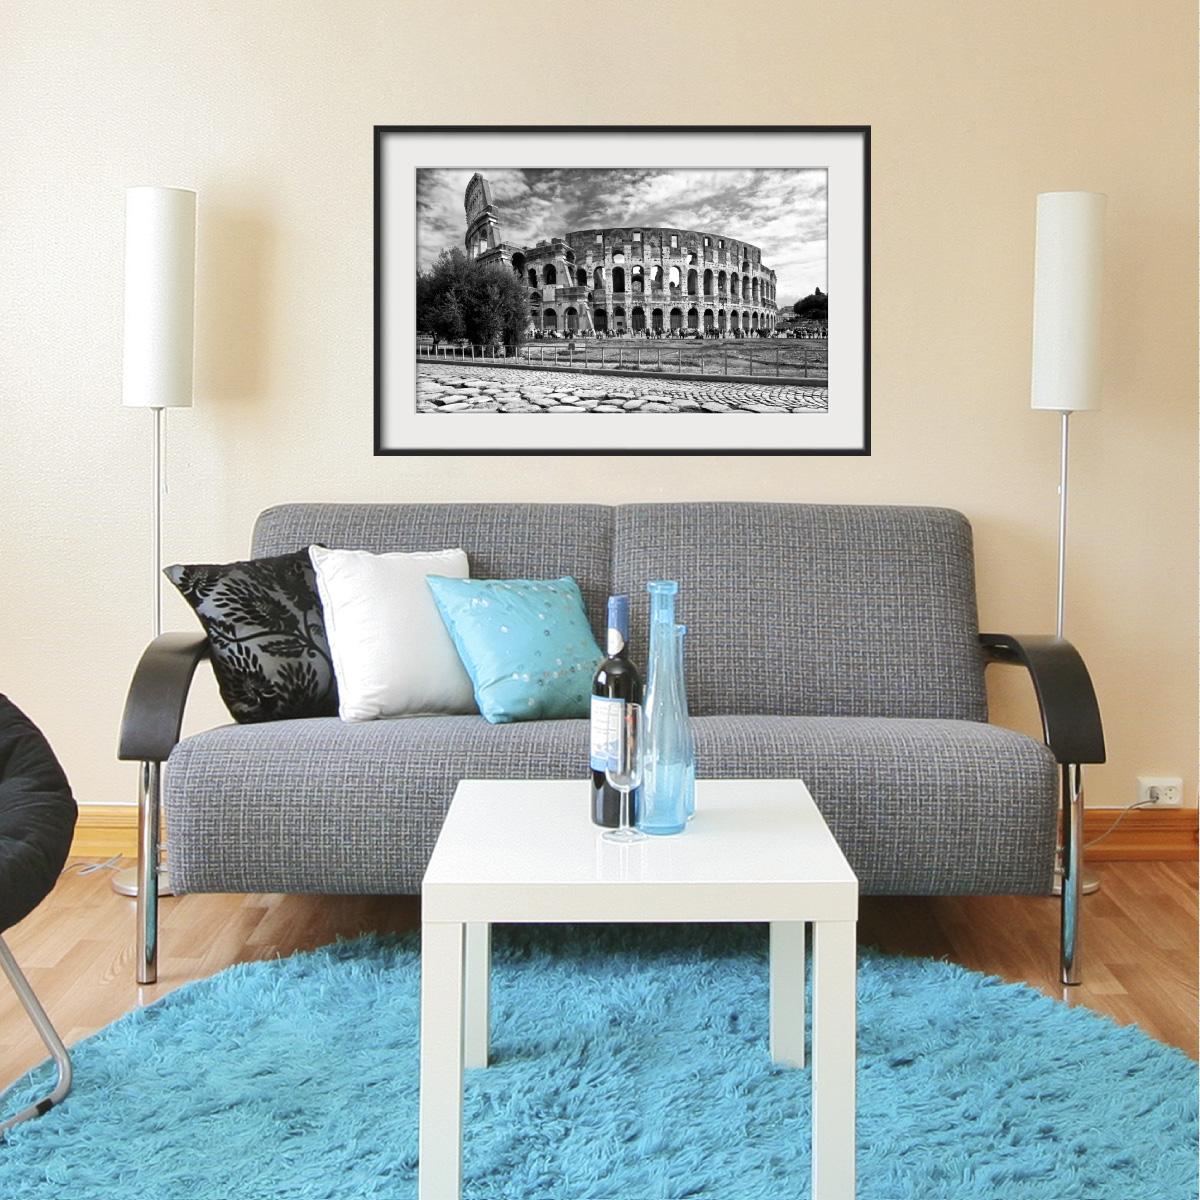 sticker cadre photo le colis e de rome stickers villes et voyages pays et voyages ambiance. Black Bedroom Furniture Sets. Home Design Ideas